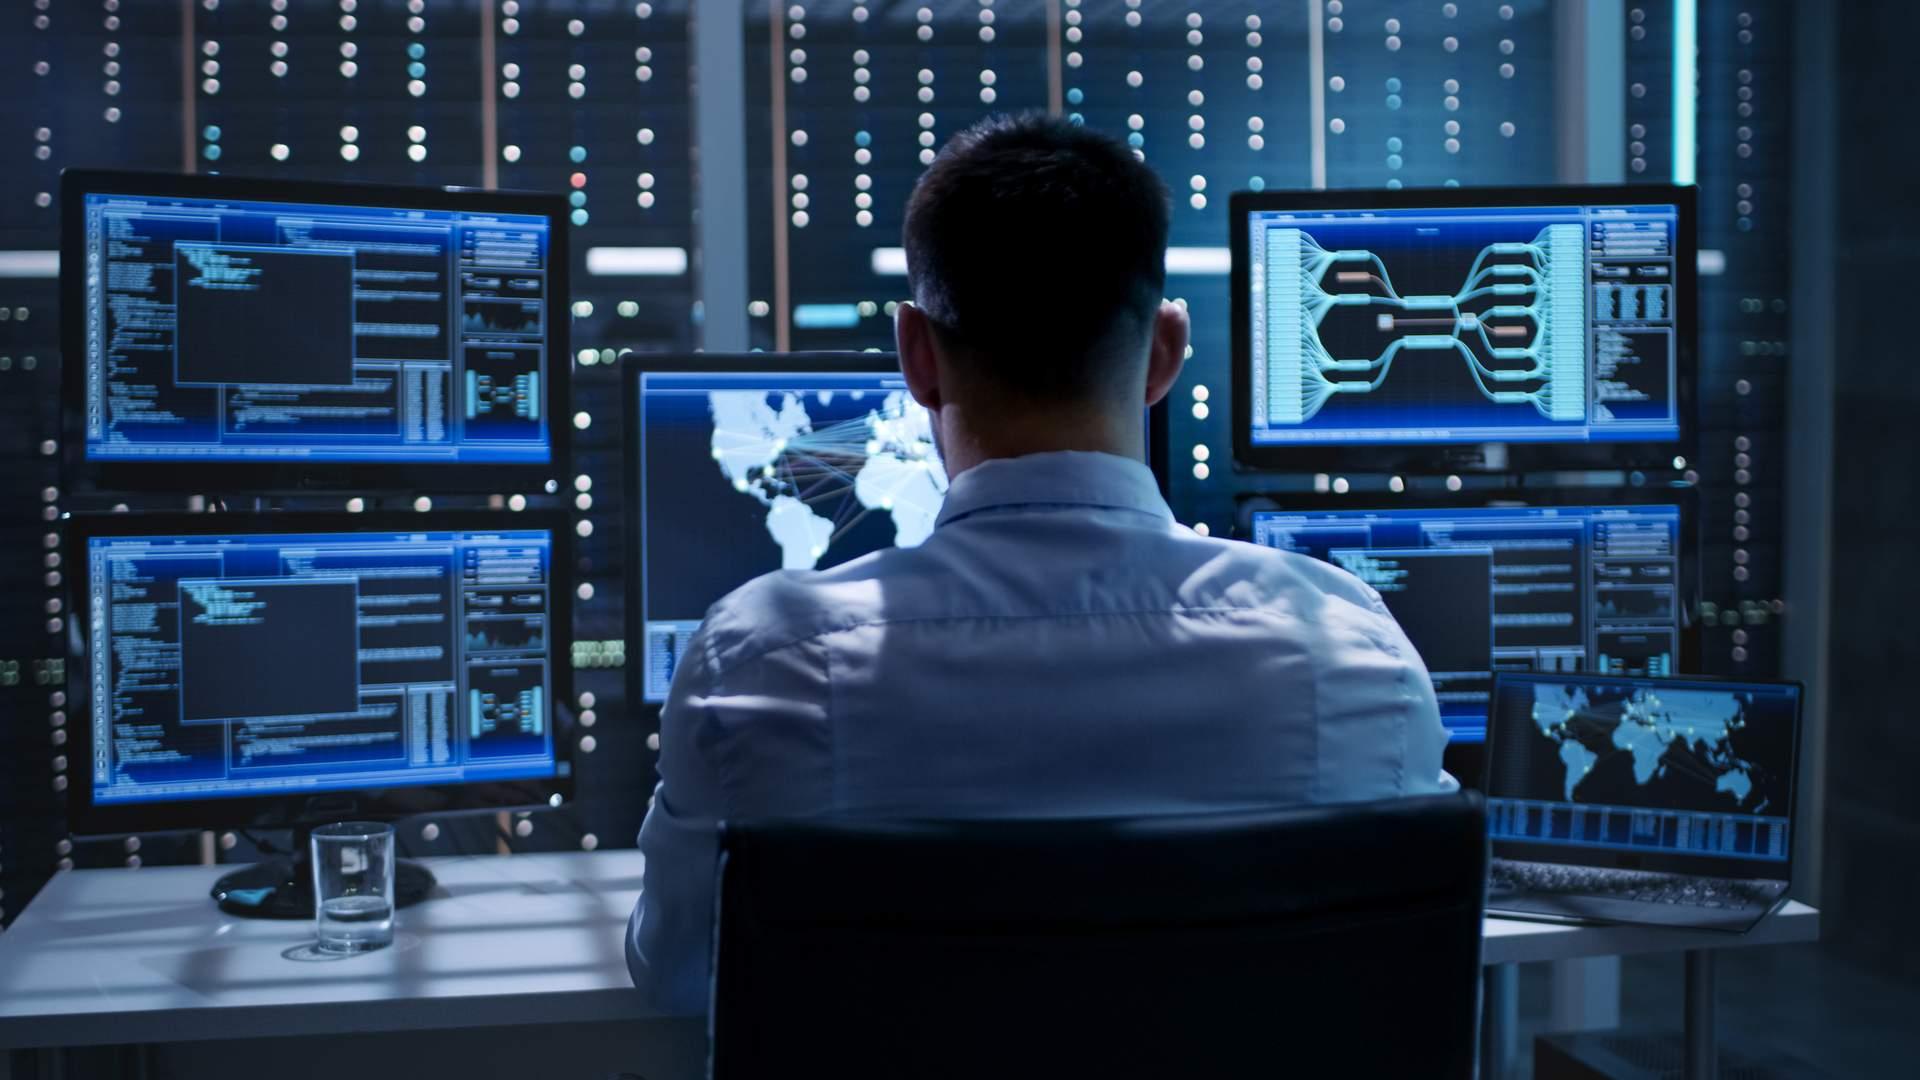 Homem negro com roupa formal olhando para diversas telas de monitor e notebook com gráficos